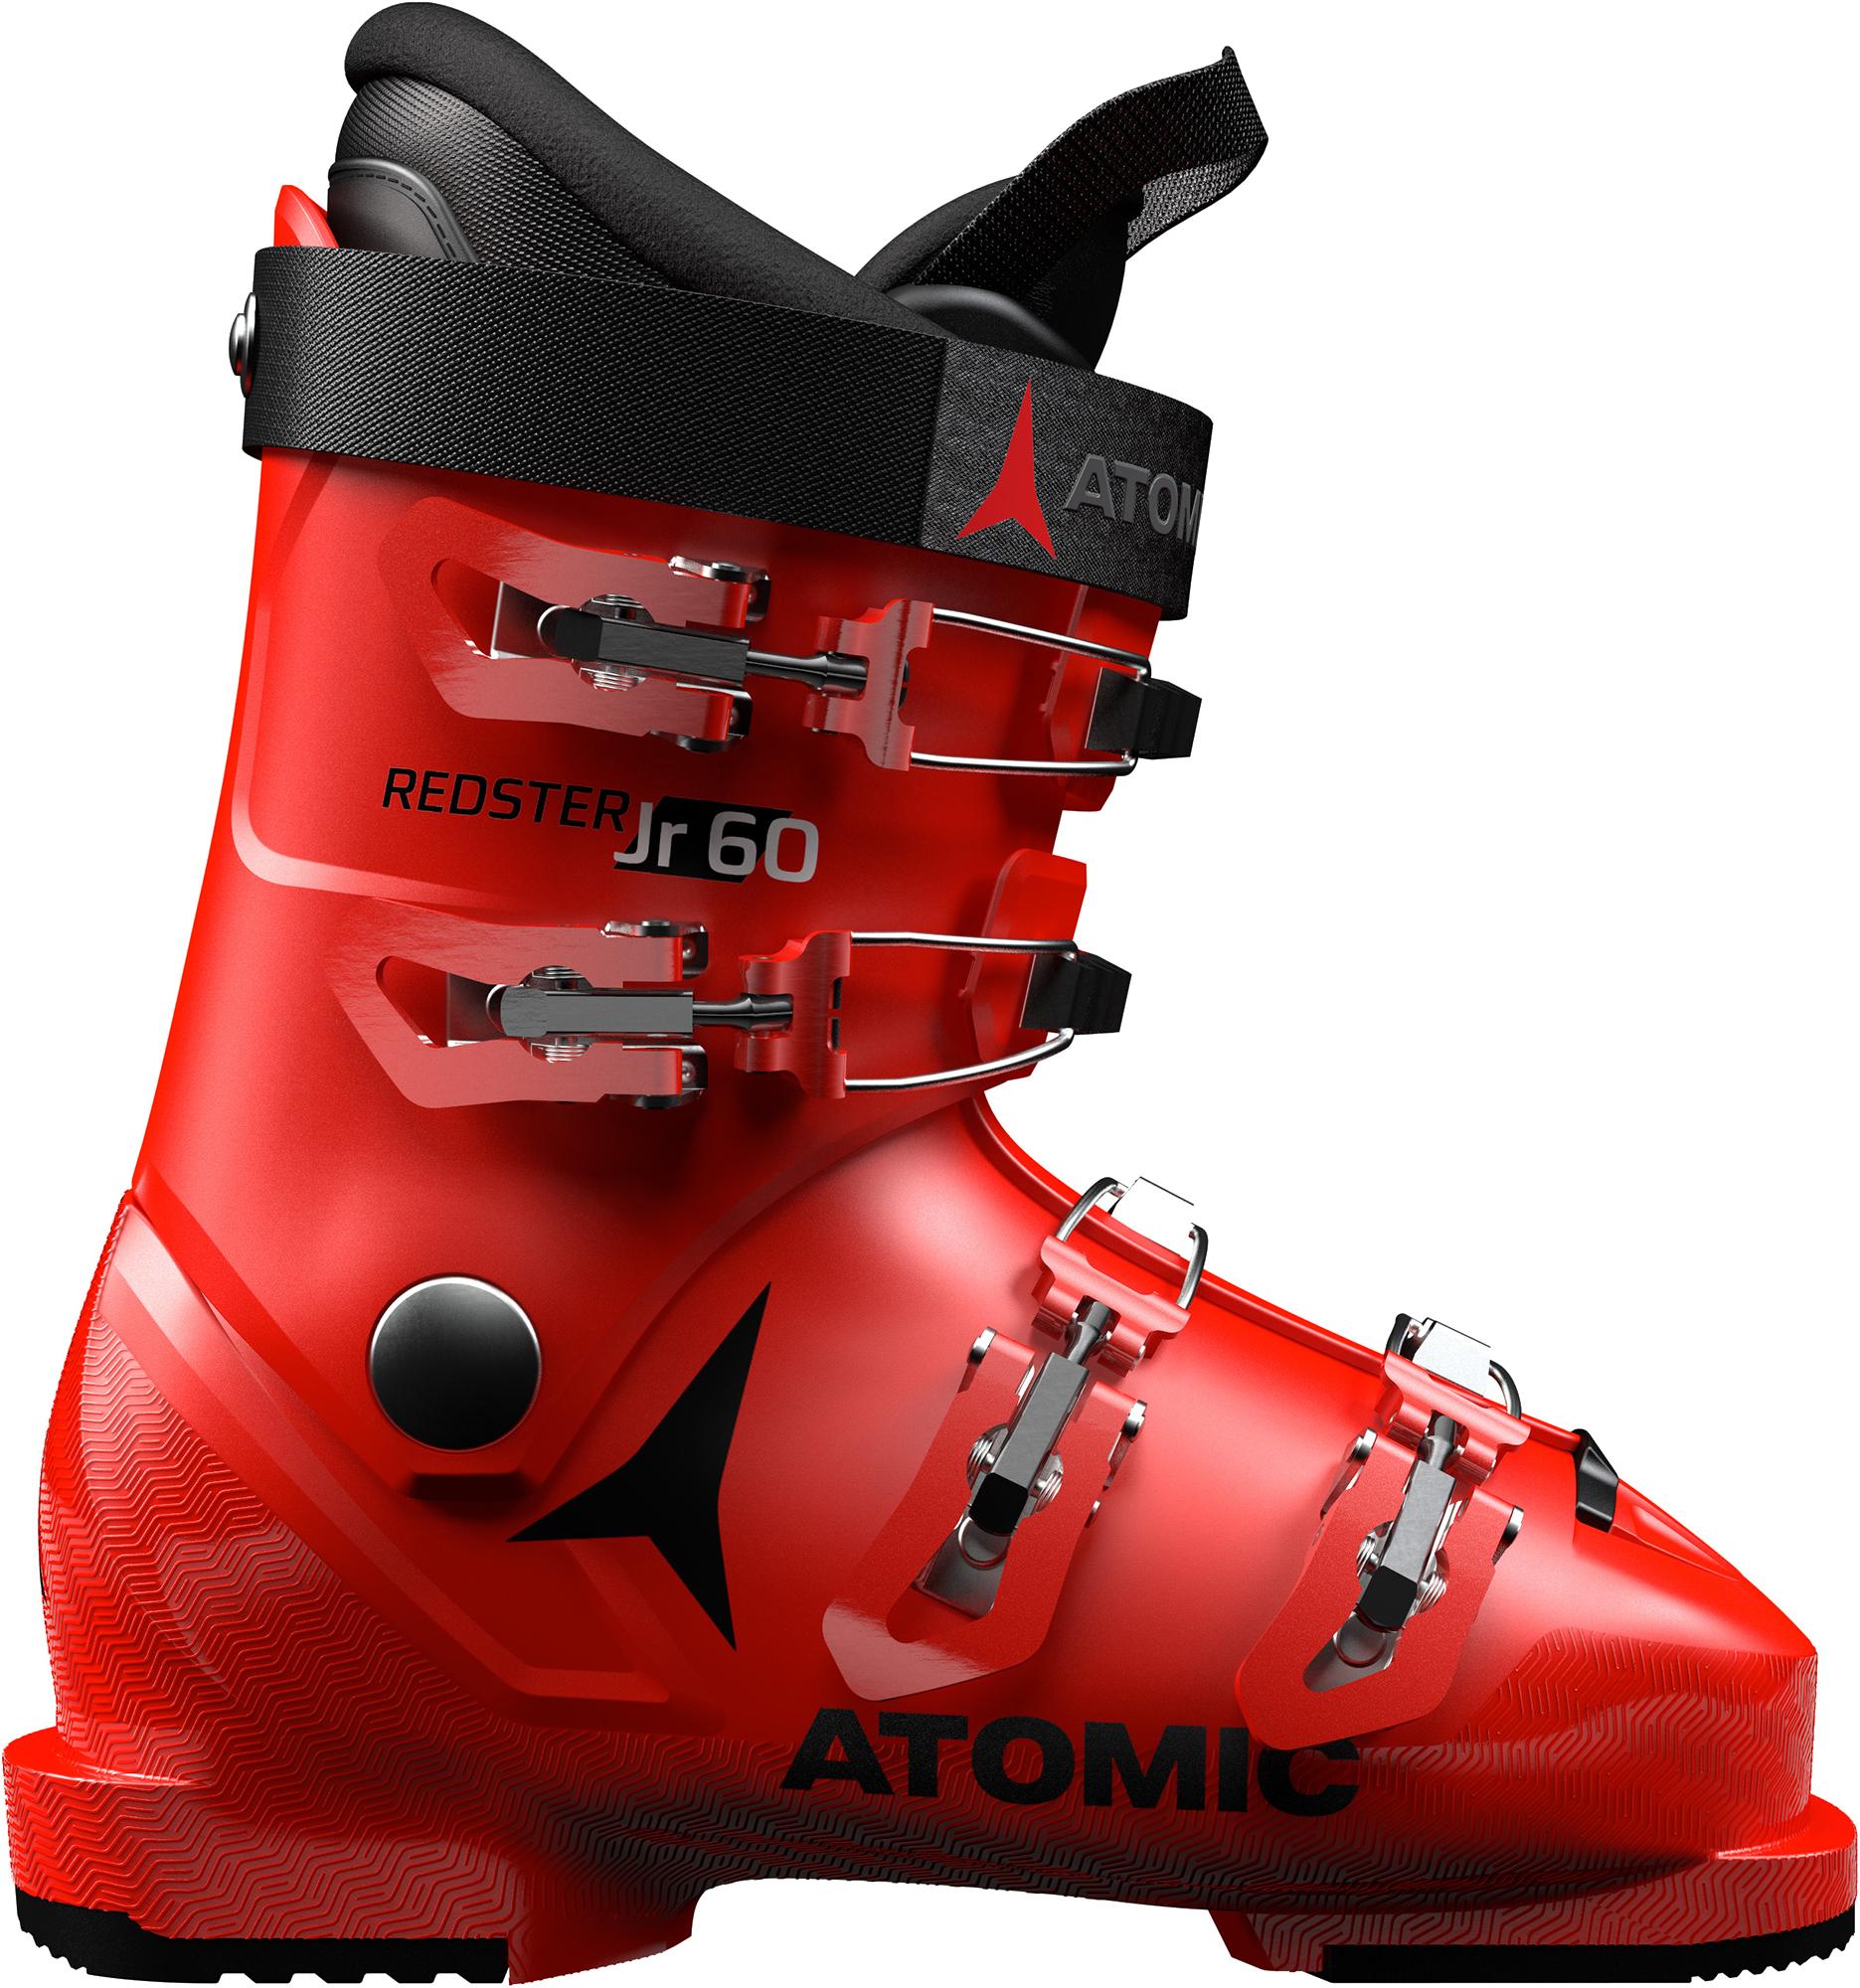 Atomic Ботинки горнолыжные детские Redster Jr 60, размер 26 см